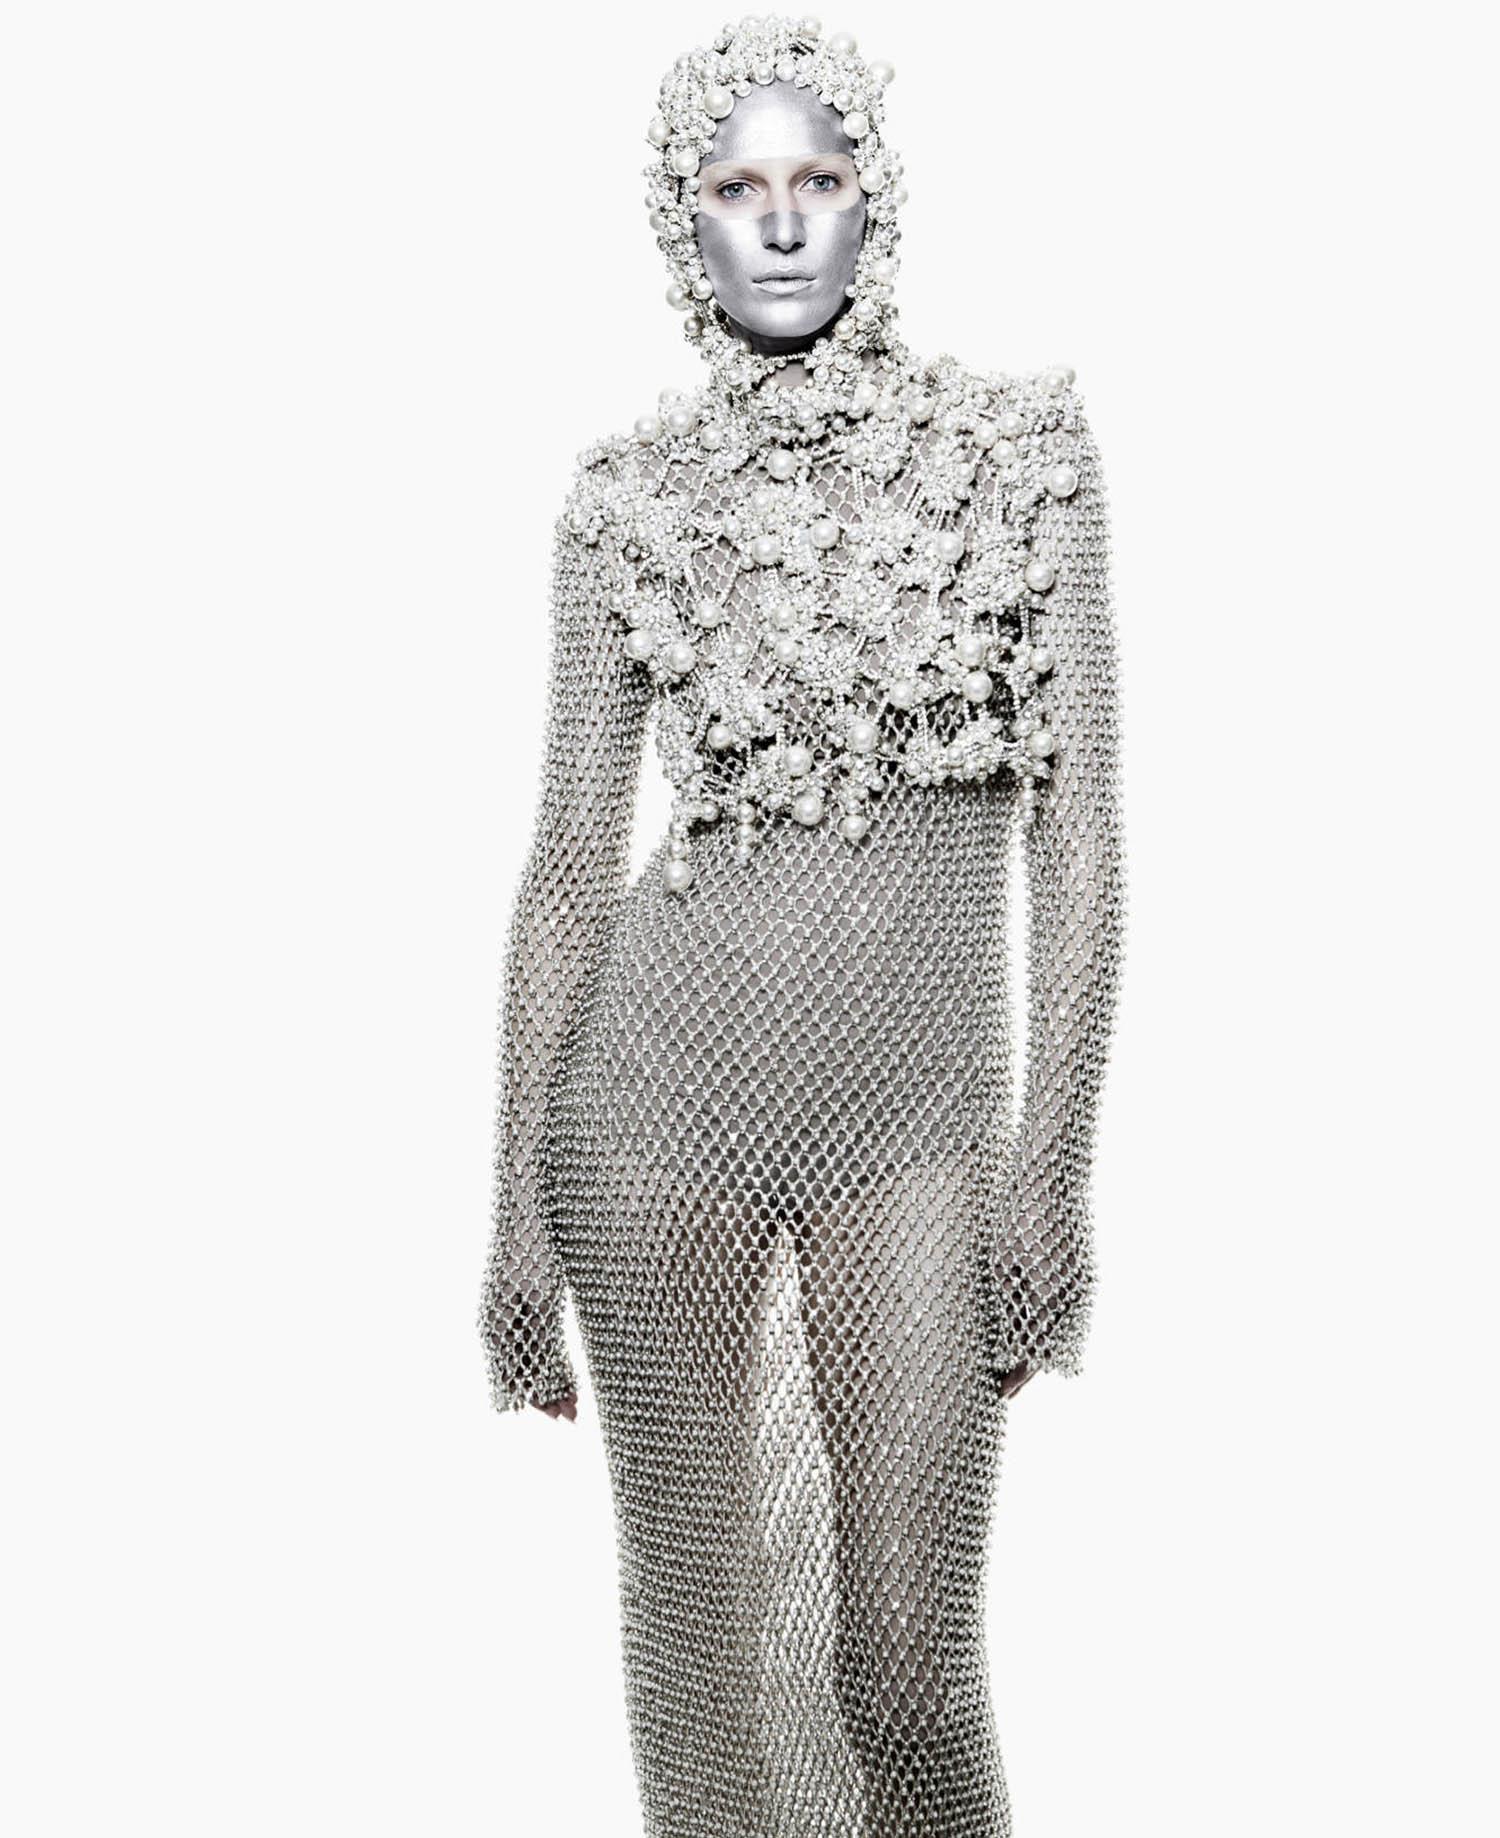 Julia Nobis by Daniel Jackson for Harper's Bazaar US May 2021